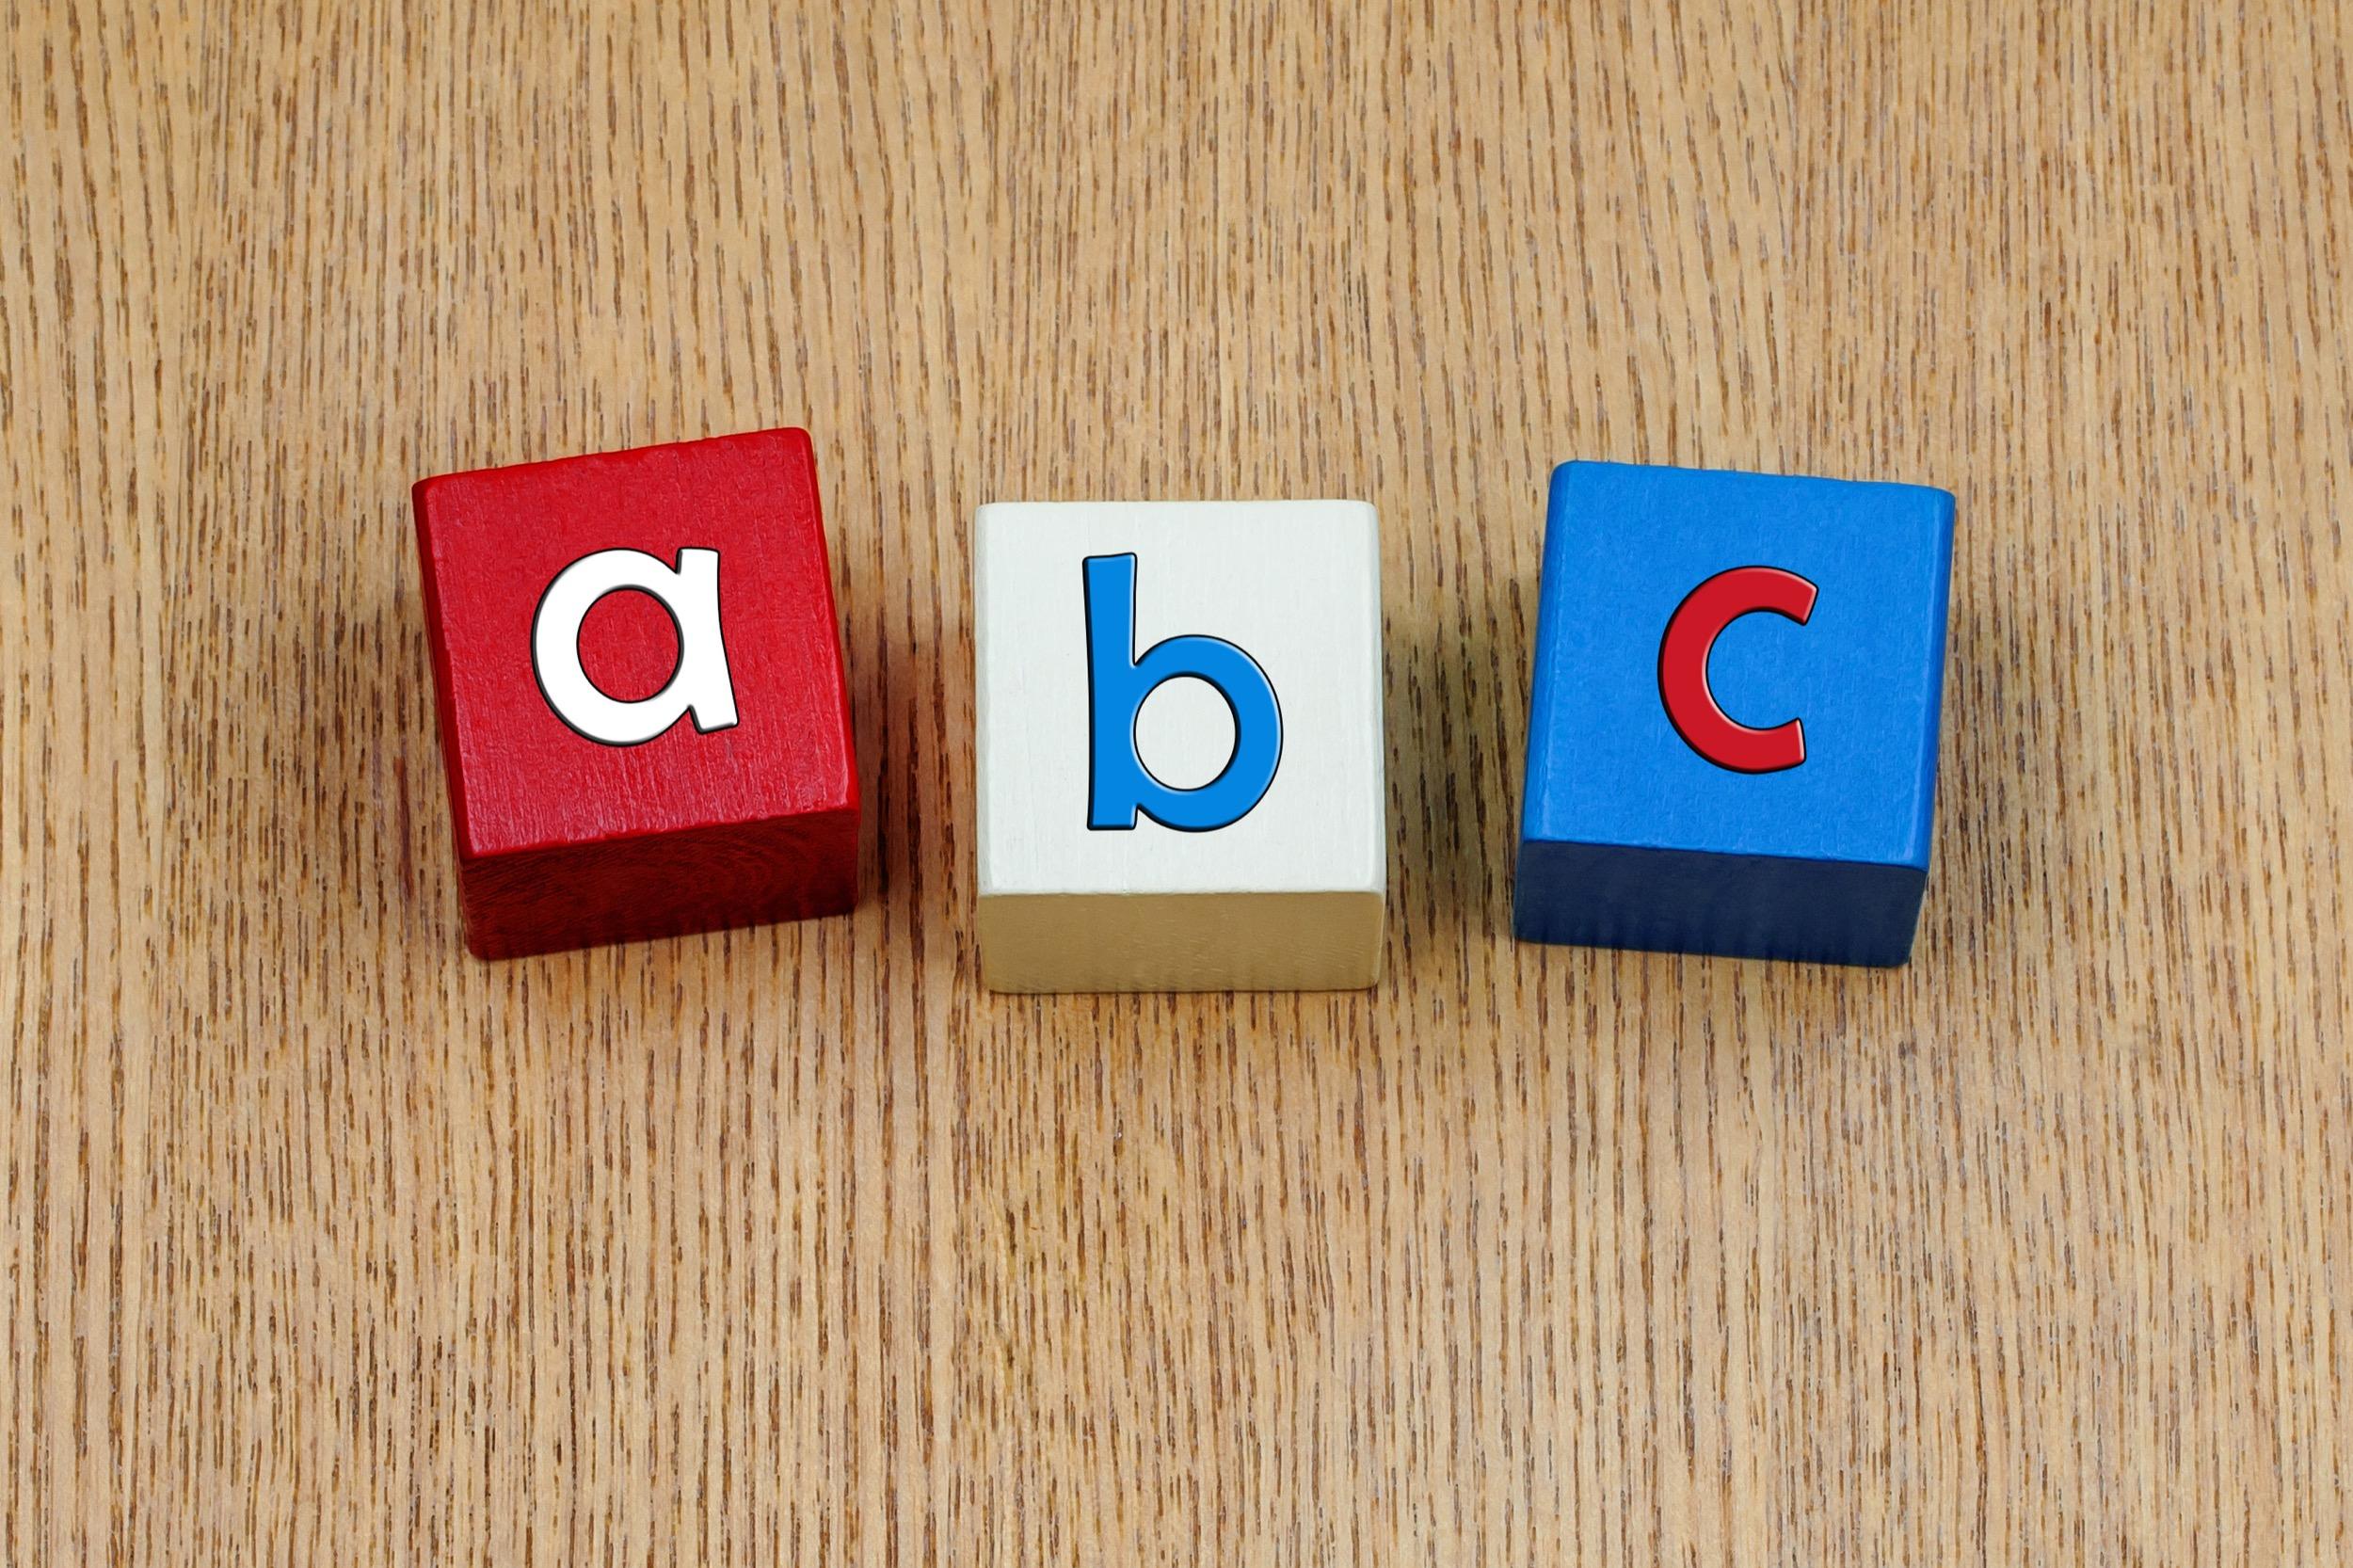 (Ed_Samuel_/Shutterstock.com) Das Reise ABC der Agentur für Zimmervermittlung Lippstadt